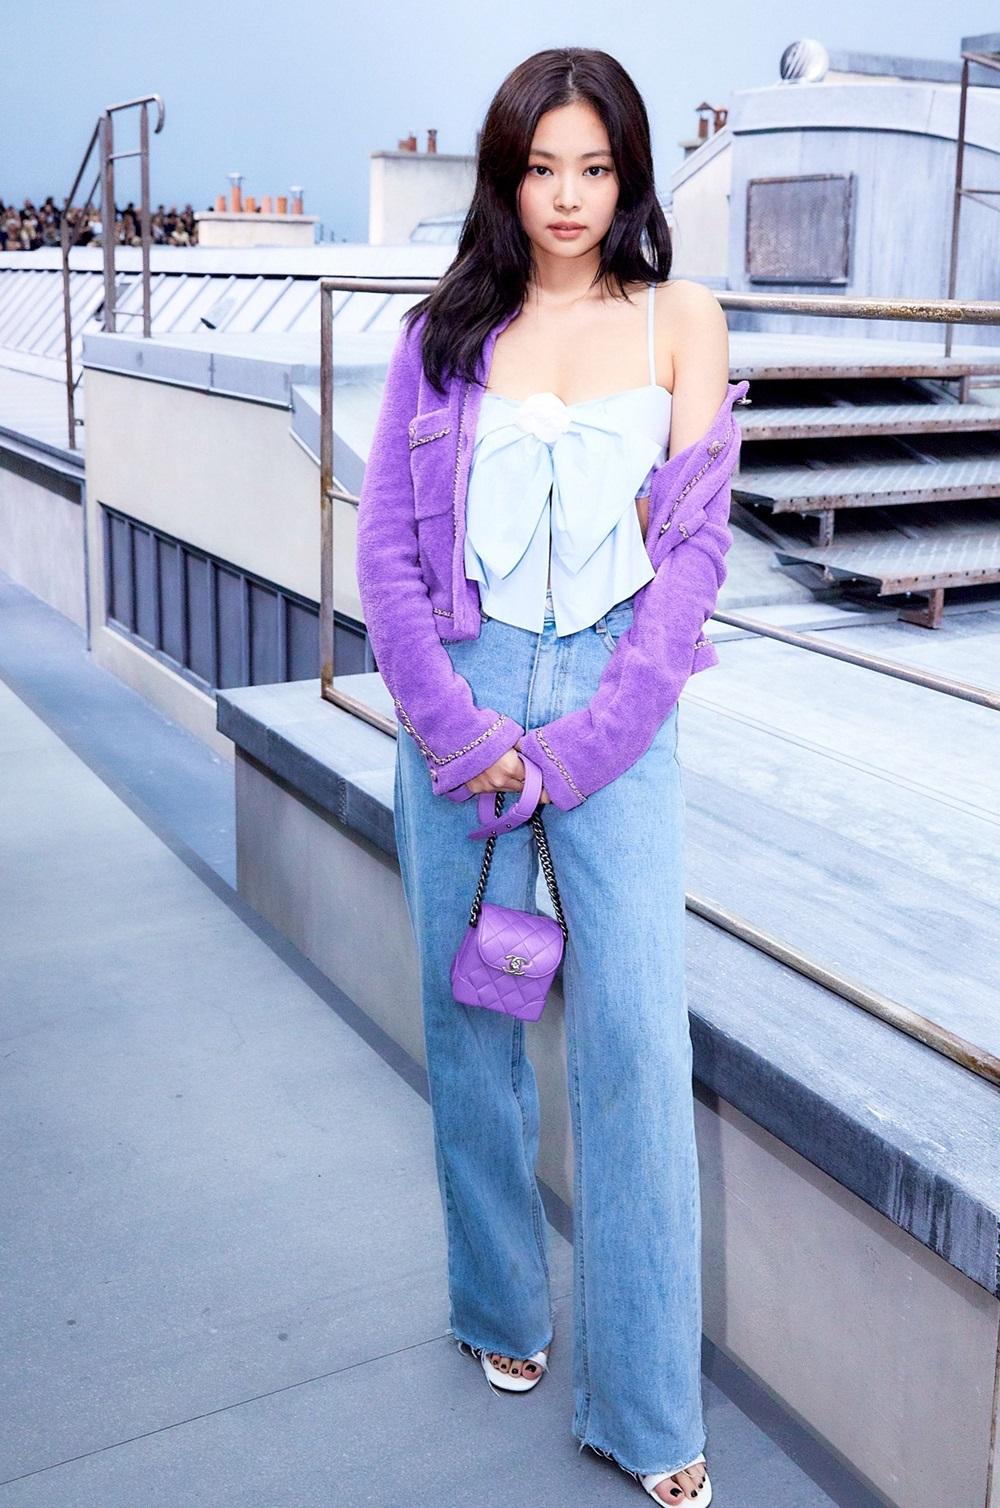 Jennie diện cây Chanel tại buổi trình diễn BST Xuân Hè 2020 của Chanel tại Paris (Pháp) vào năm ngoái. Các thiết kế đều được fan săn lùng nhờ sức hút của thần tượng Hàn gồm: áo dây thắt nơ giá 1.700 USD, áo khoác cardigan tím 4.950 USD, túi mini 3.200 USD.